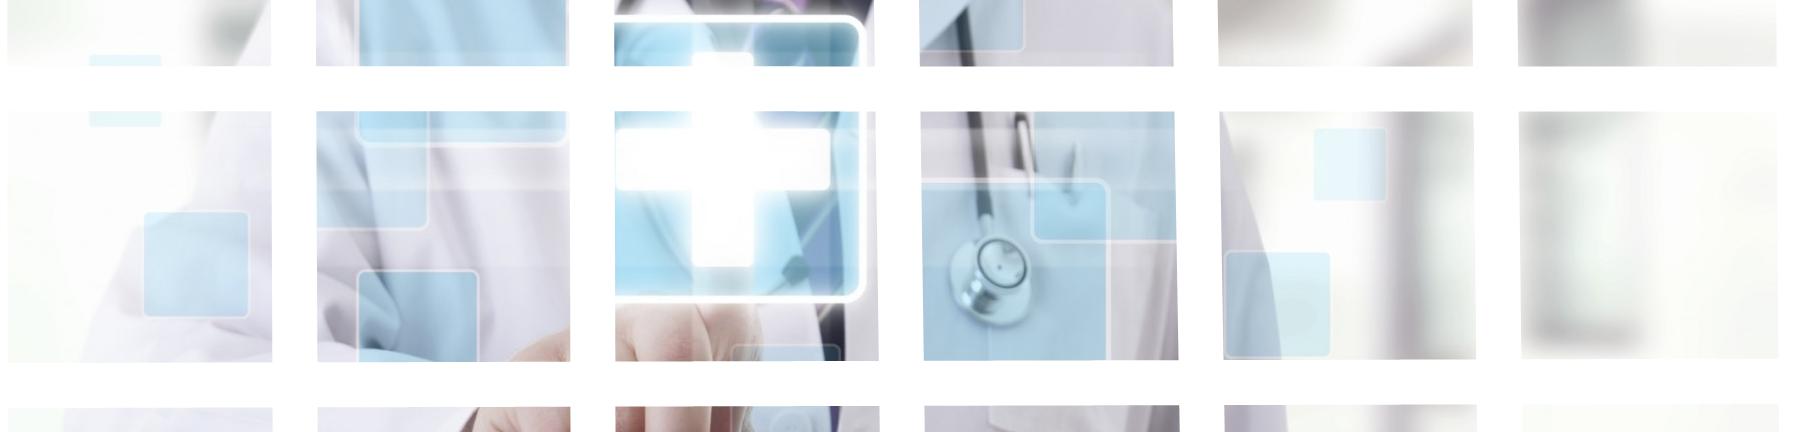 Regolamento Dispositivi Medici